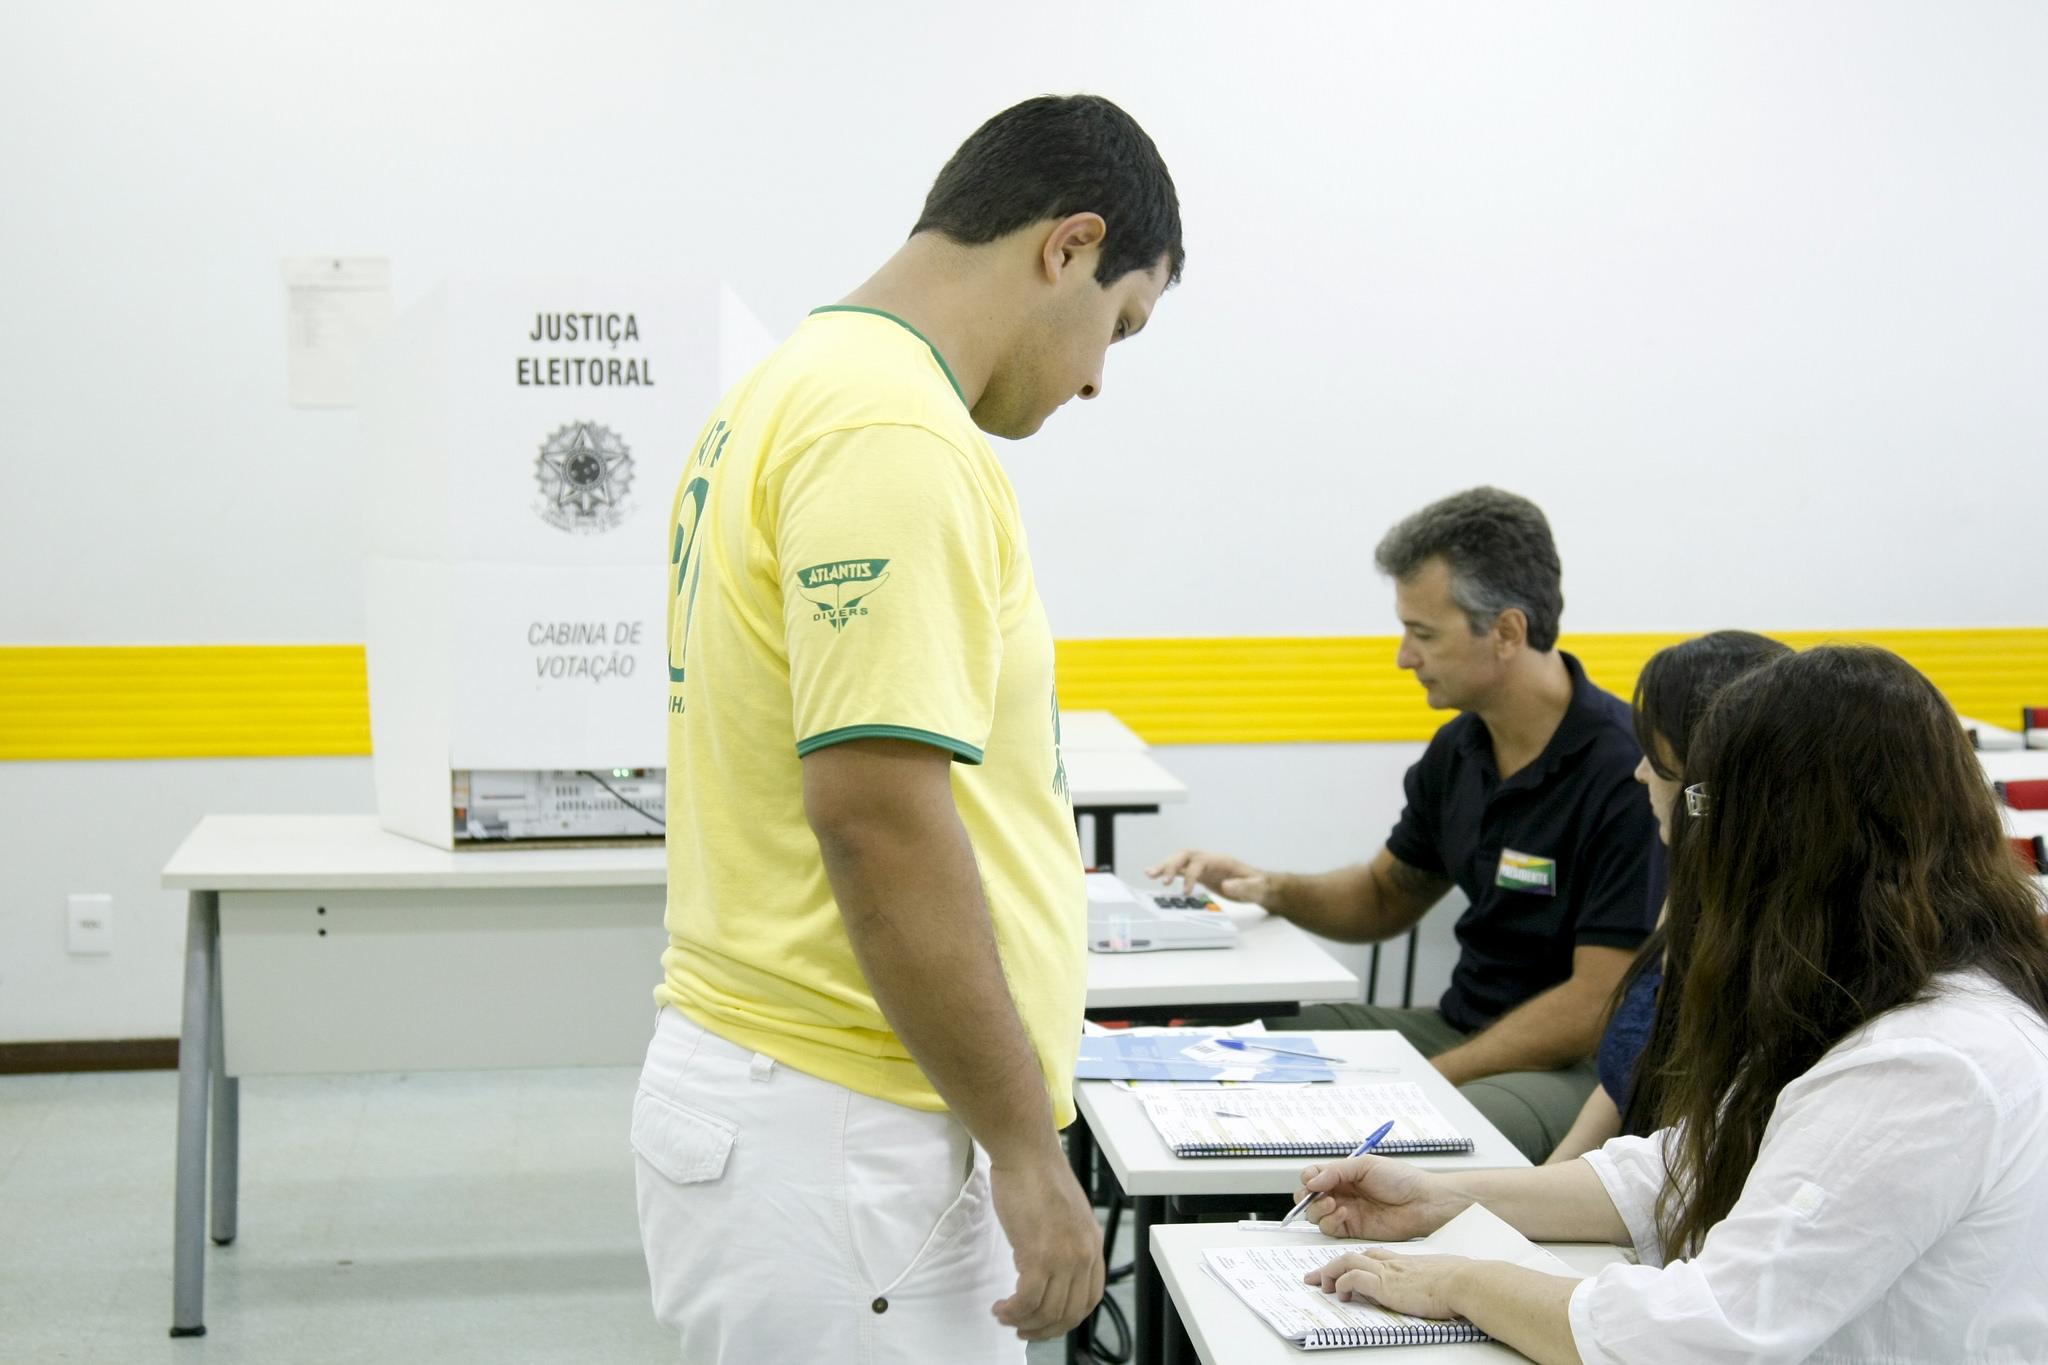 Entidade quer que gastos com eleição sejam transformados em políticas públicas, em benefício da população mais carentes. (FOTO: Marri Nogueira/Agência Senado)